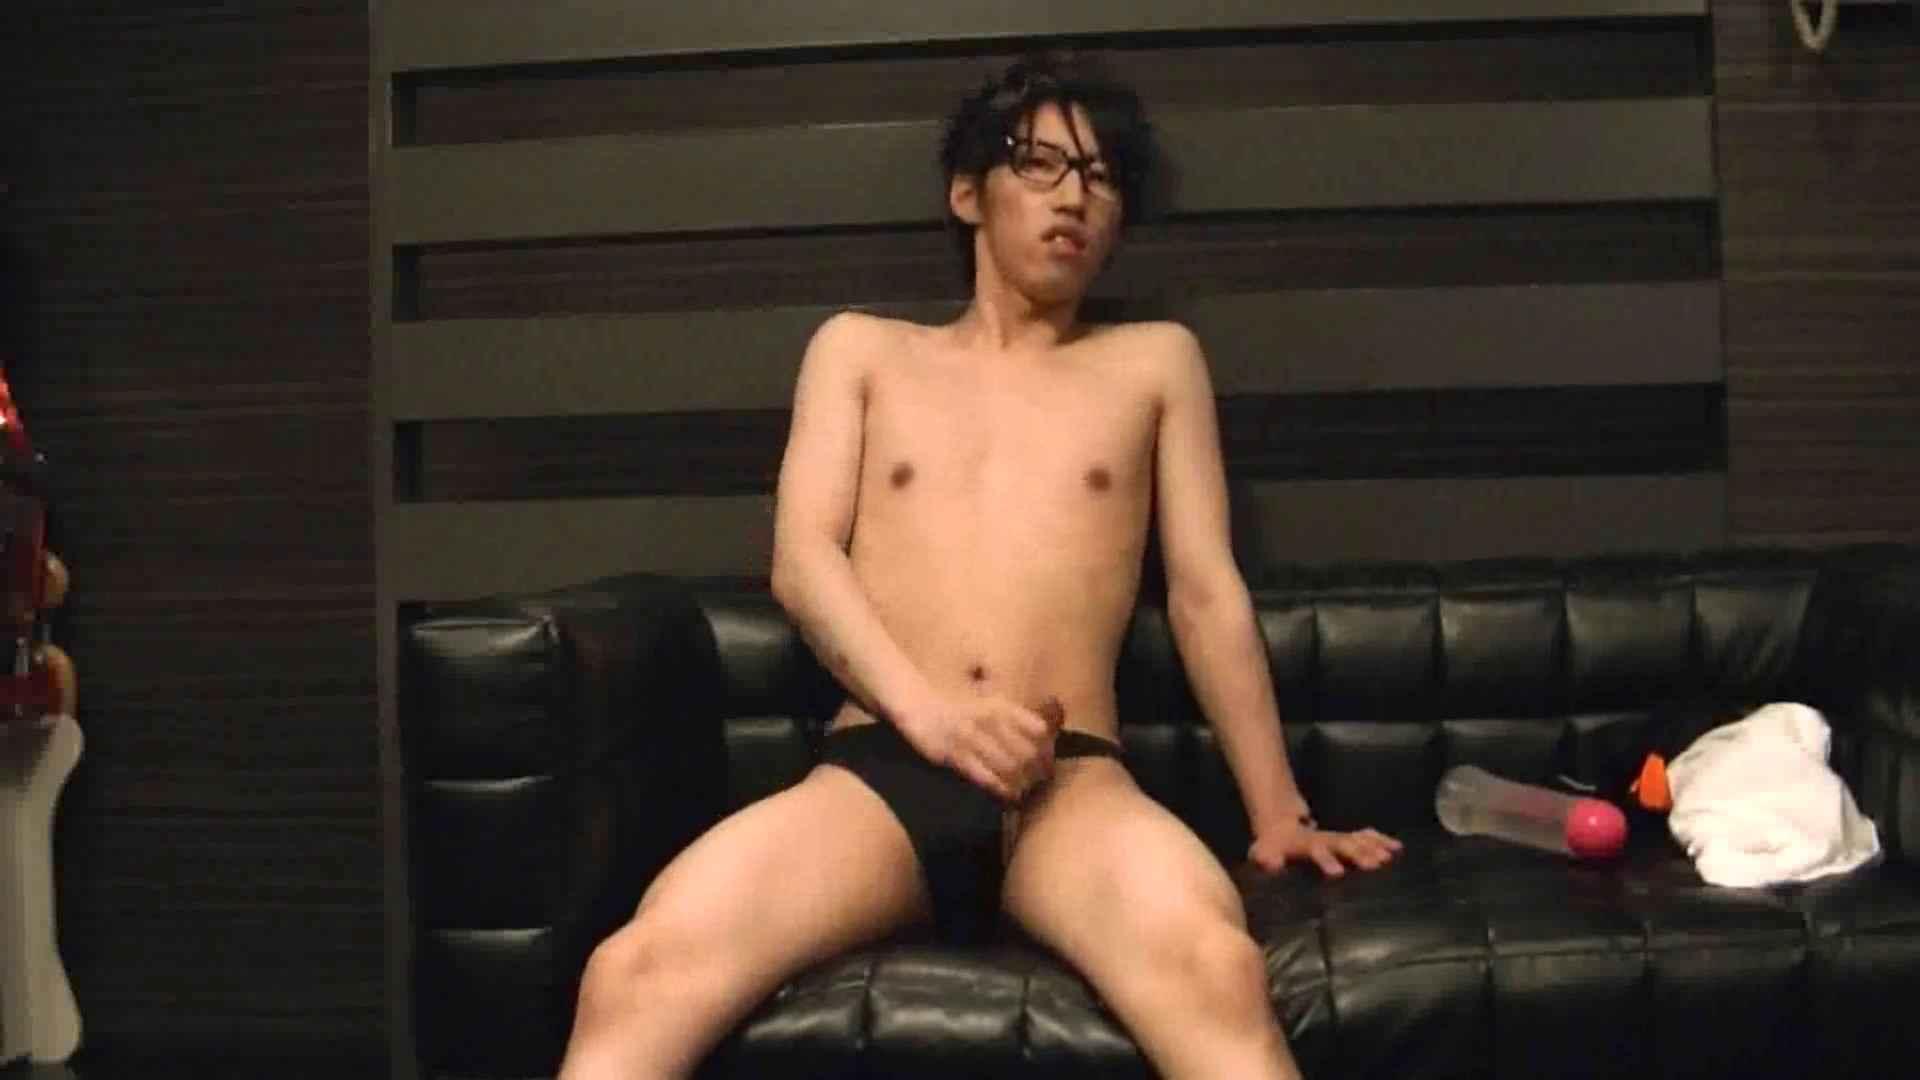 ONA見せカーニバル!! Vol3 ゲイのオナニー映像  103枚 64